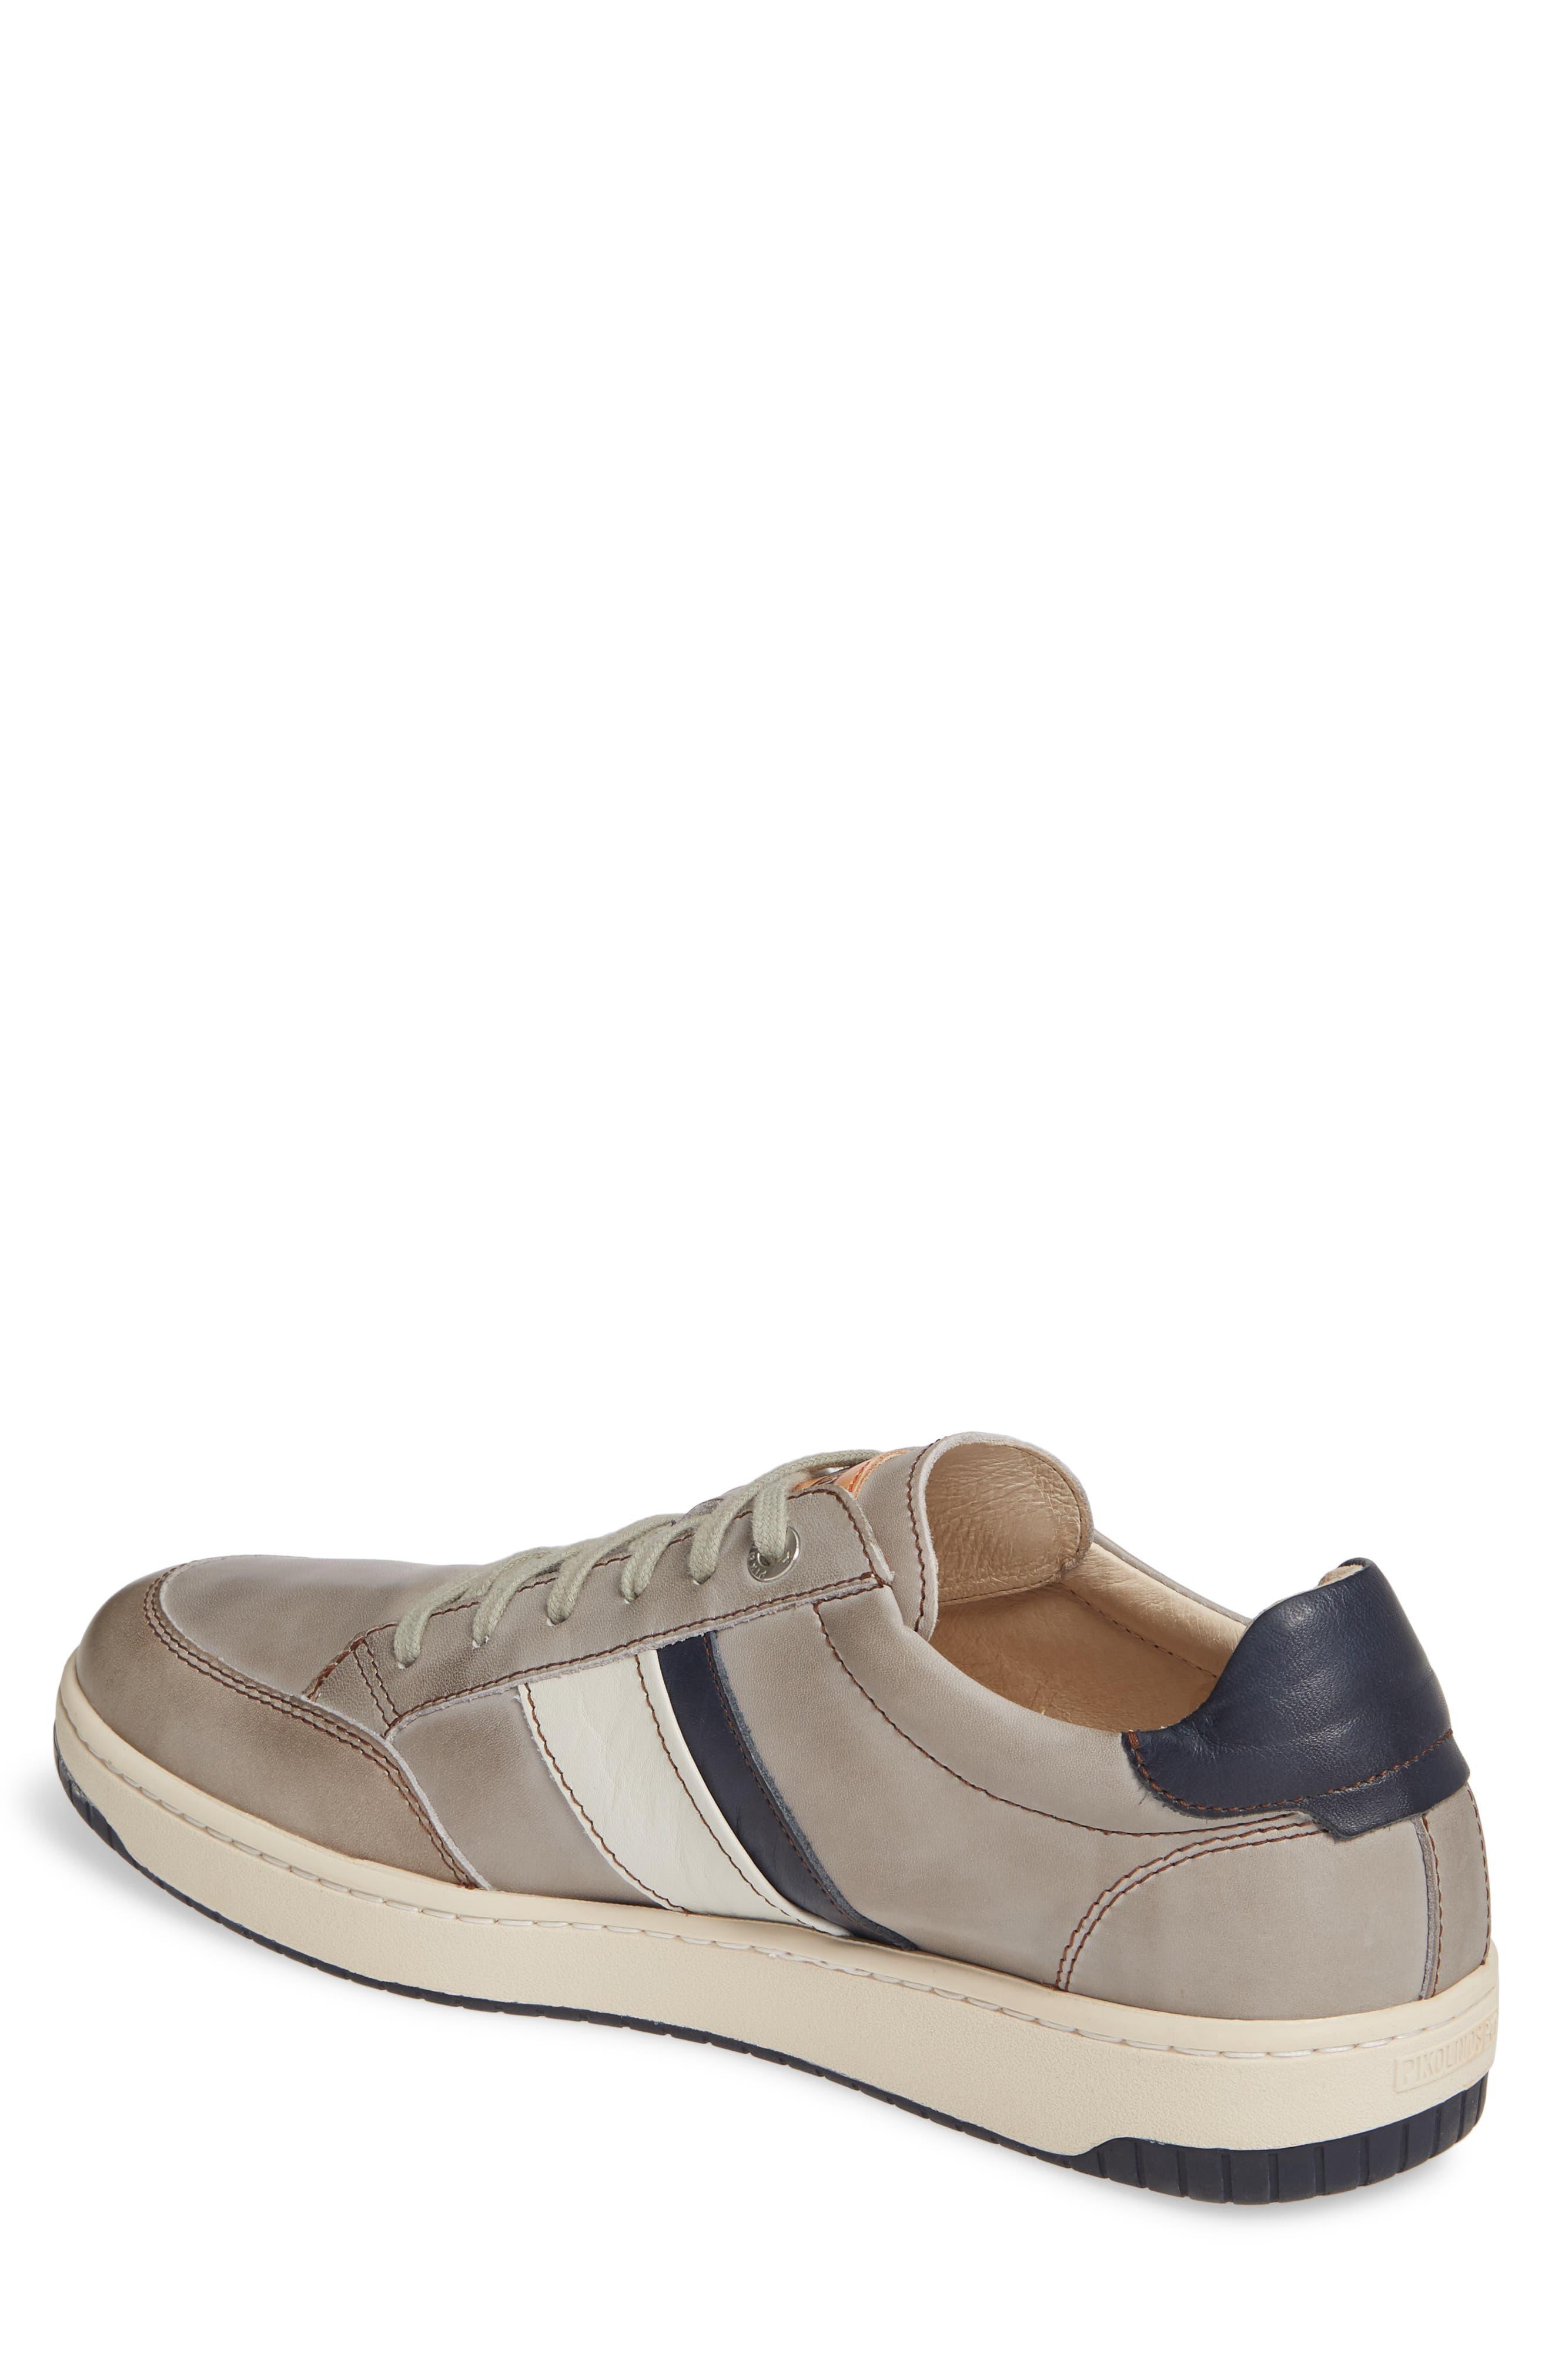 PIKOLINOS Corinto Sneaker, Main, color, SLATE